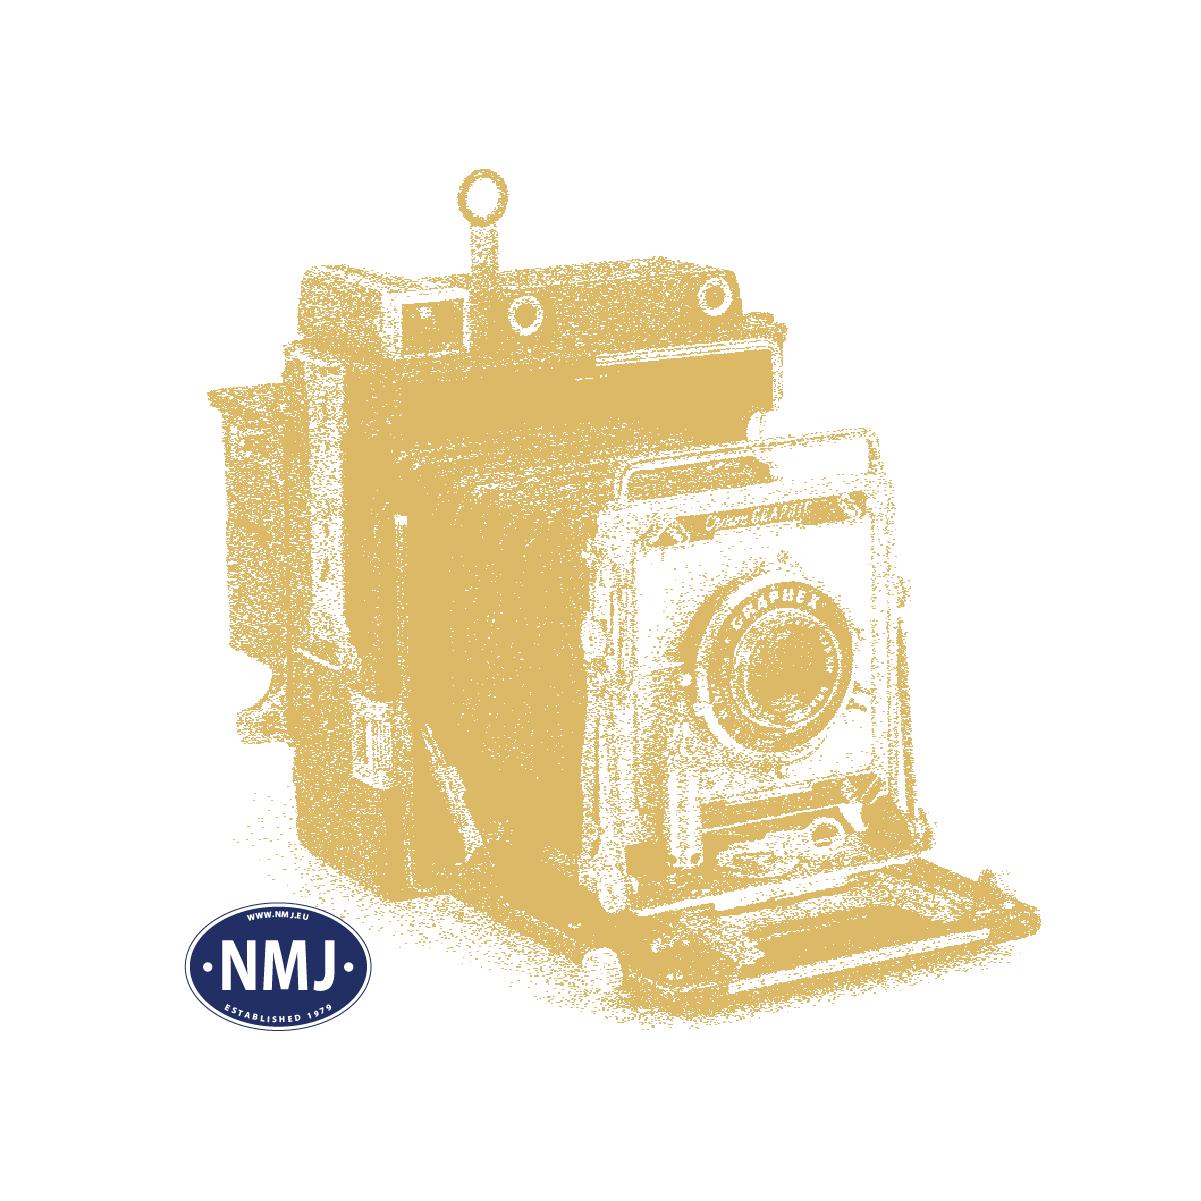 NMJT245002 - NMJ Topline NSB Di3.623 Redbrown, 0-Scale, DCC w/ Sound